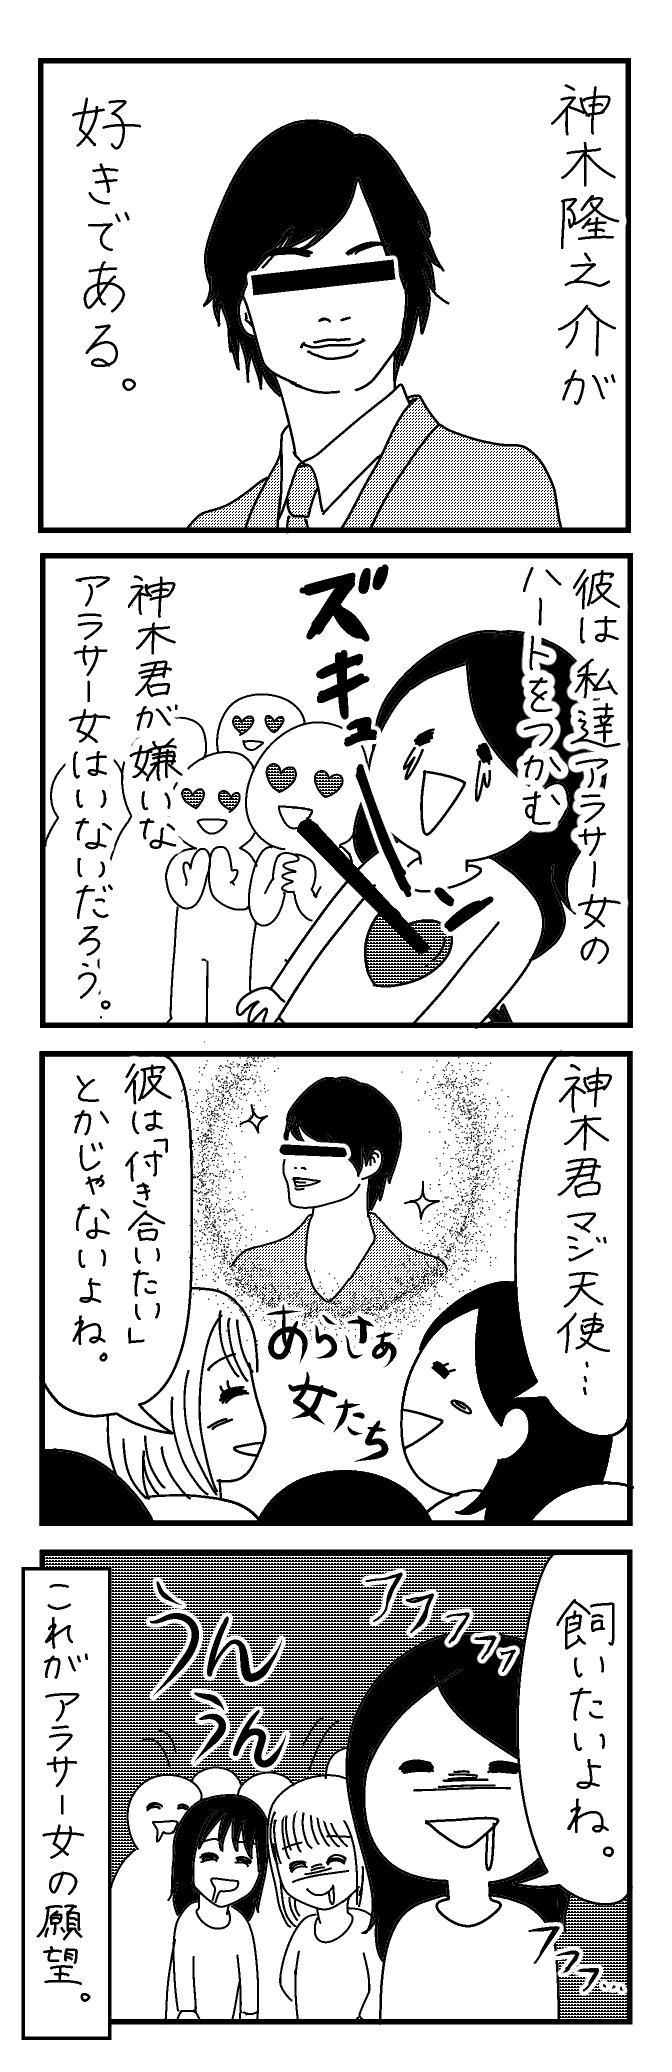 【4コマ漫画】第35回「ビクトリアな日々」作:ビクトリアブラディーヌ